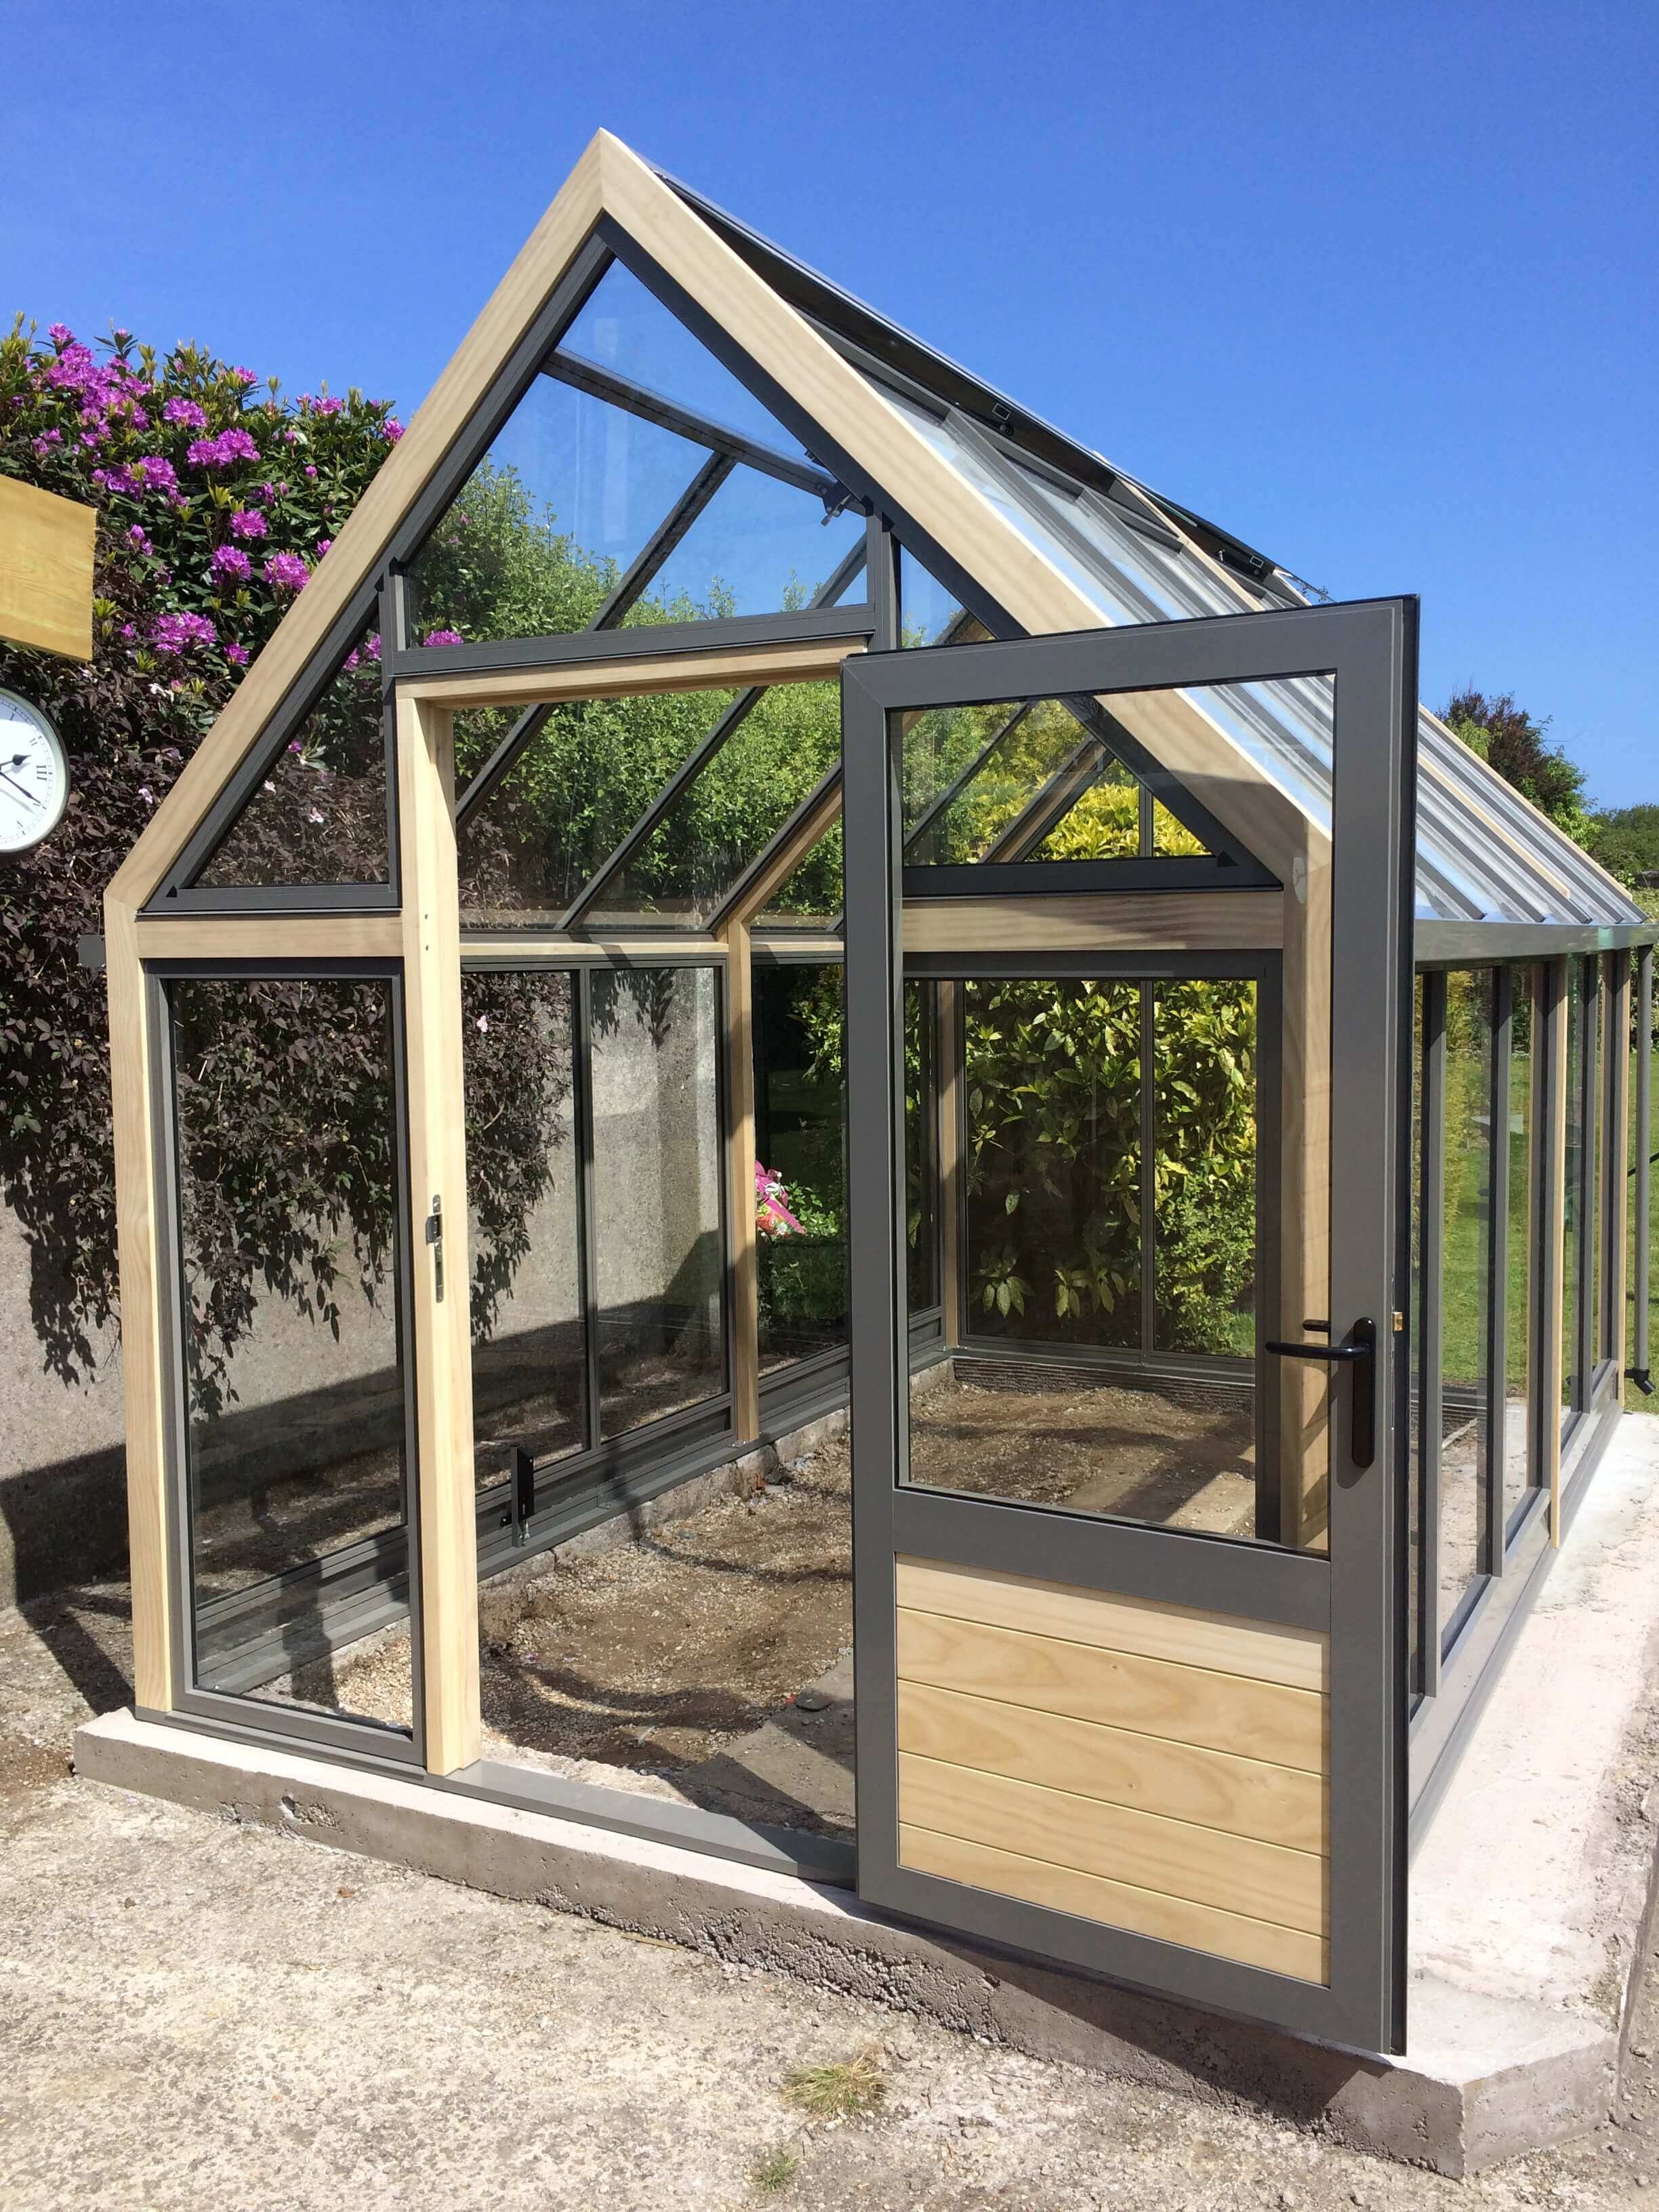 A new beautiful greenhouse